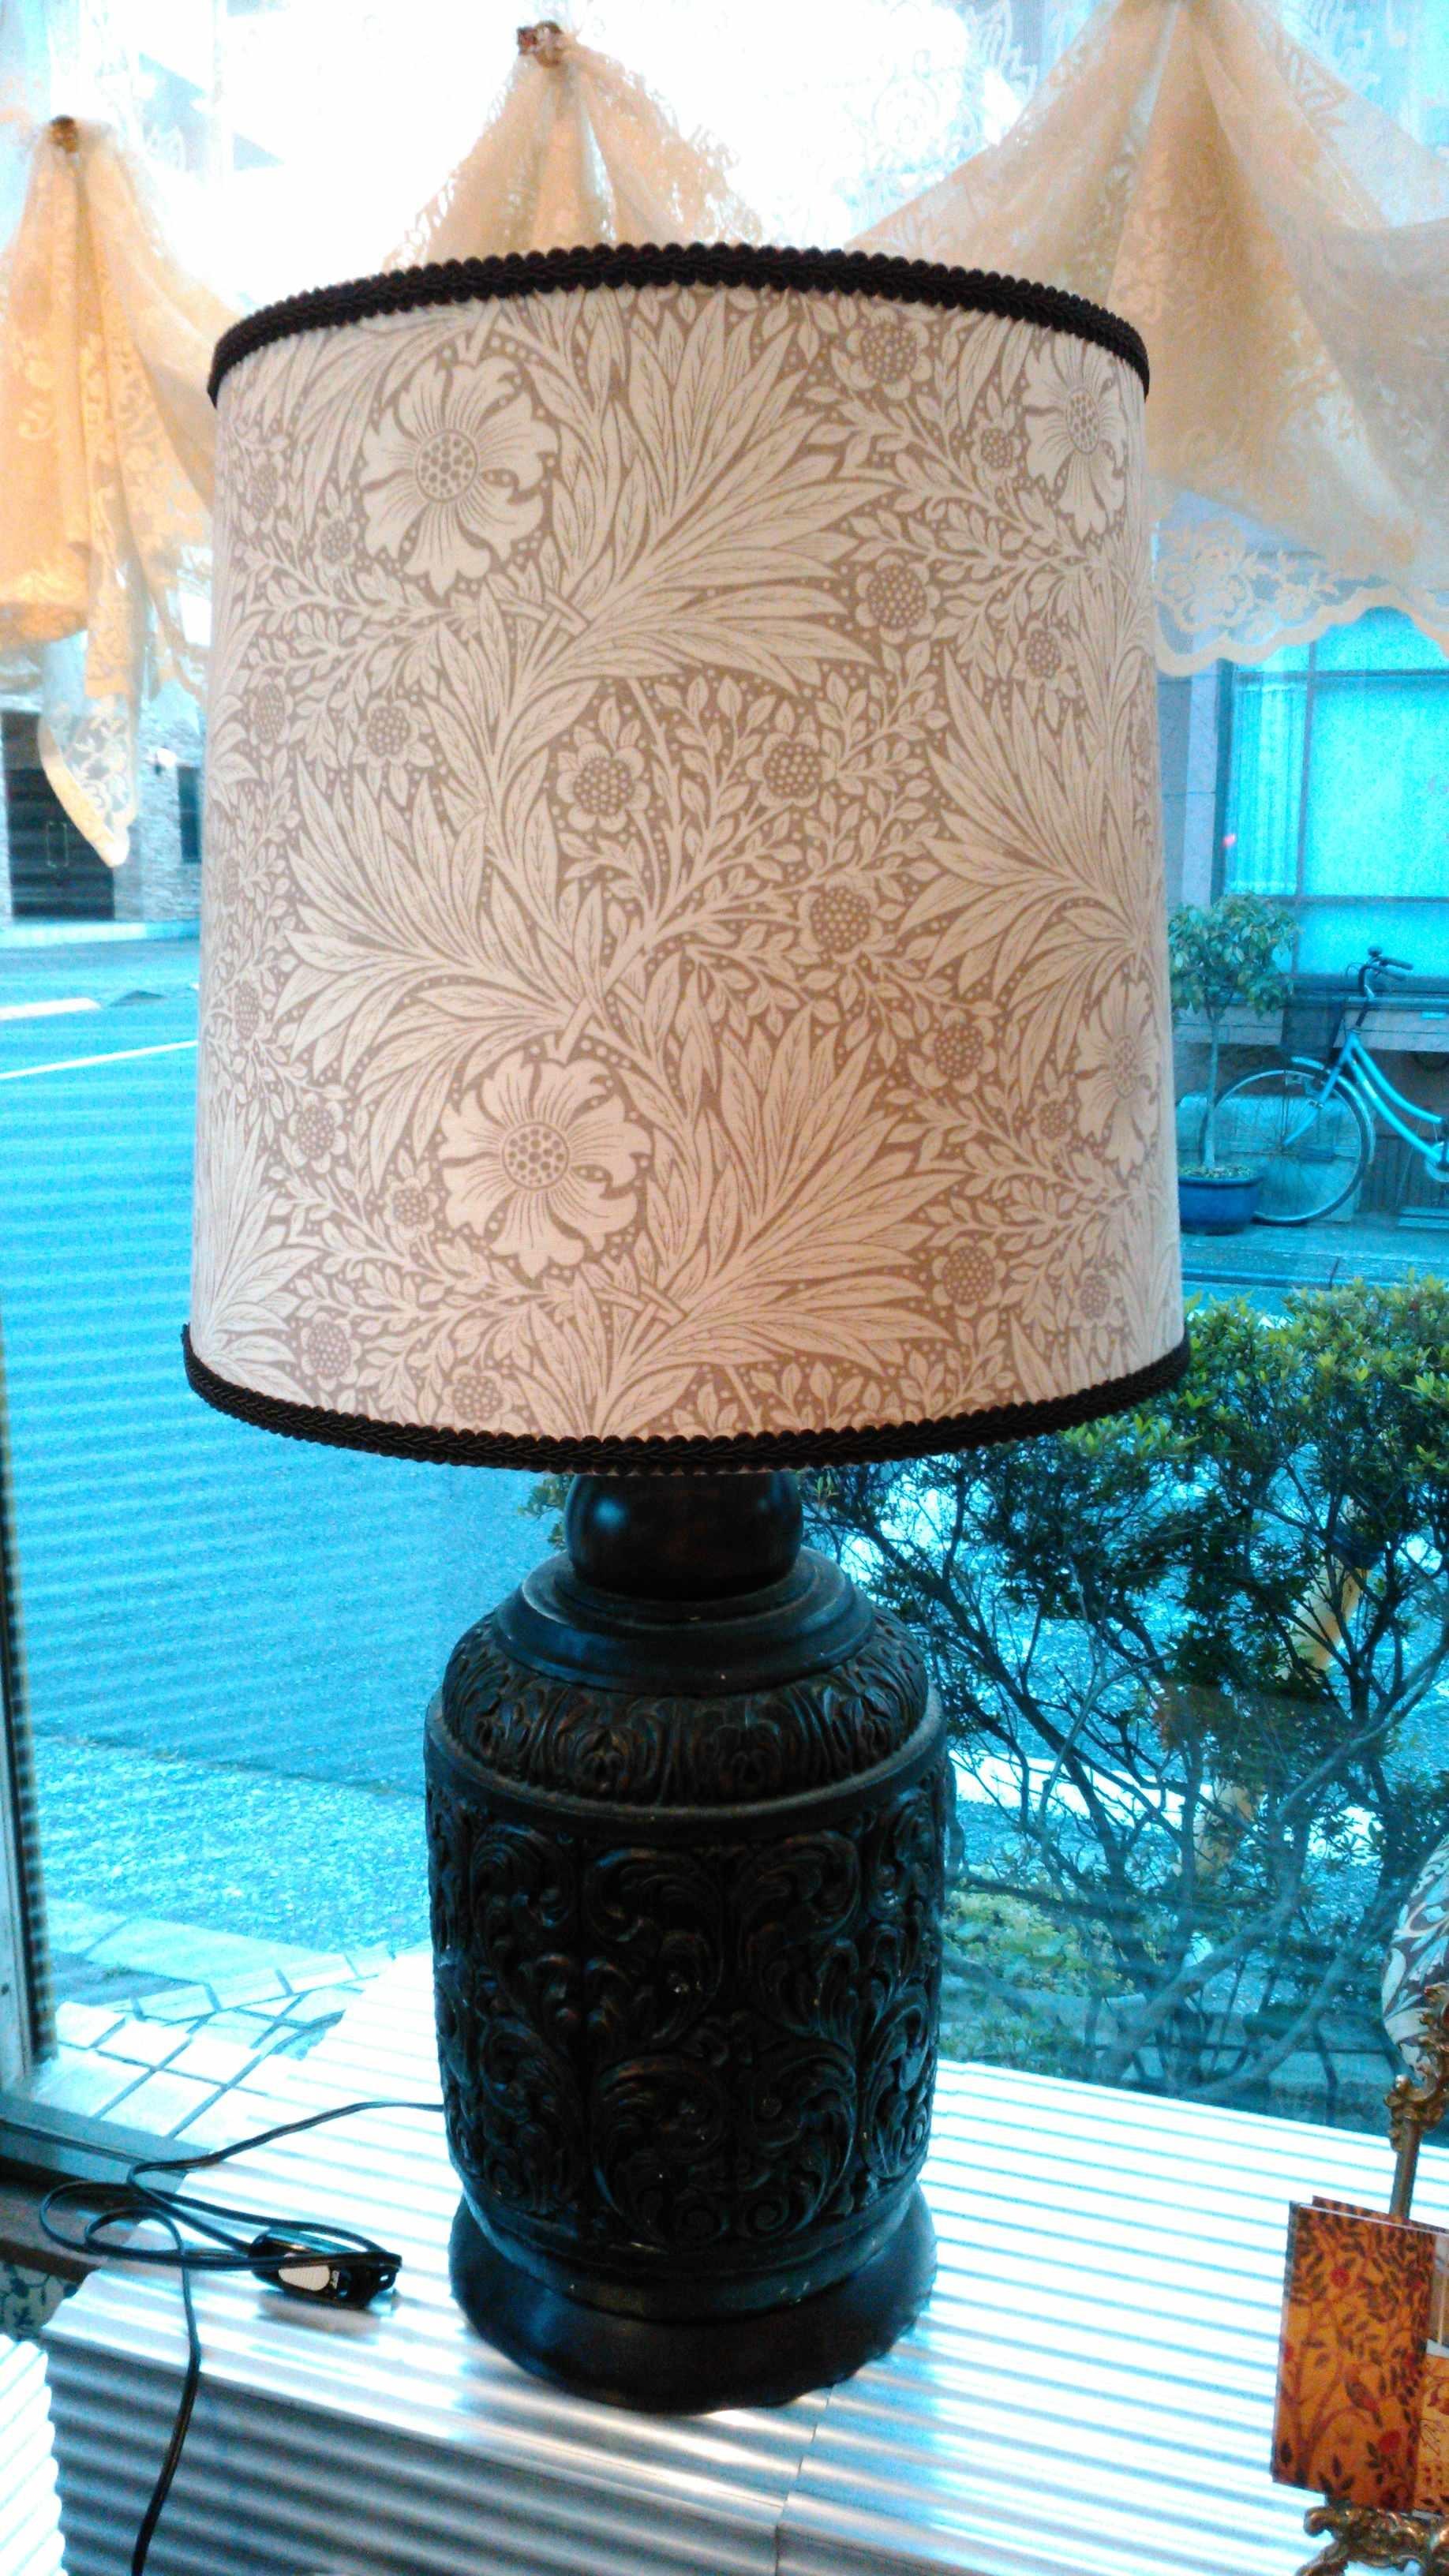 ランプシェード張替・修理 モリス『マリーゴールド』 ウィリアムモリス正規販売店のブライト_c0157866_17374329.jpg